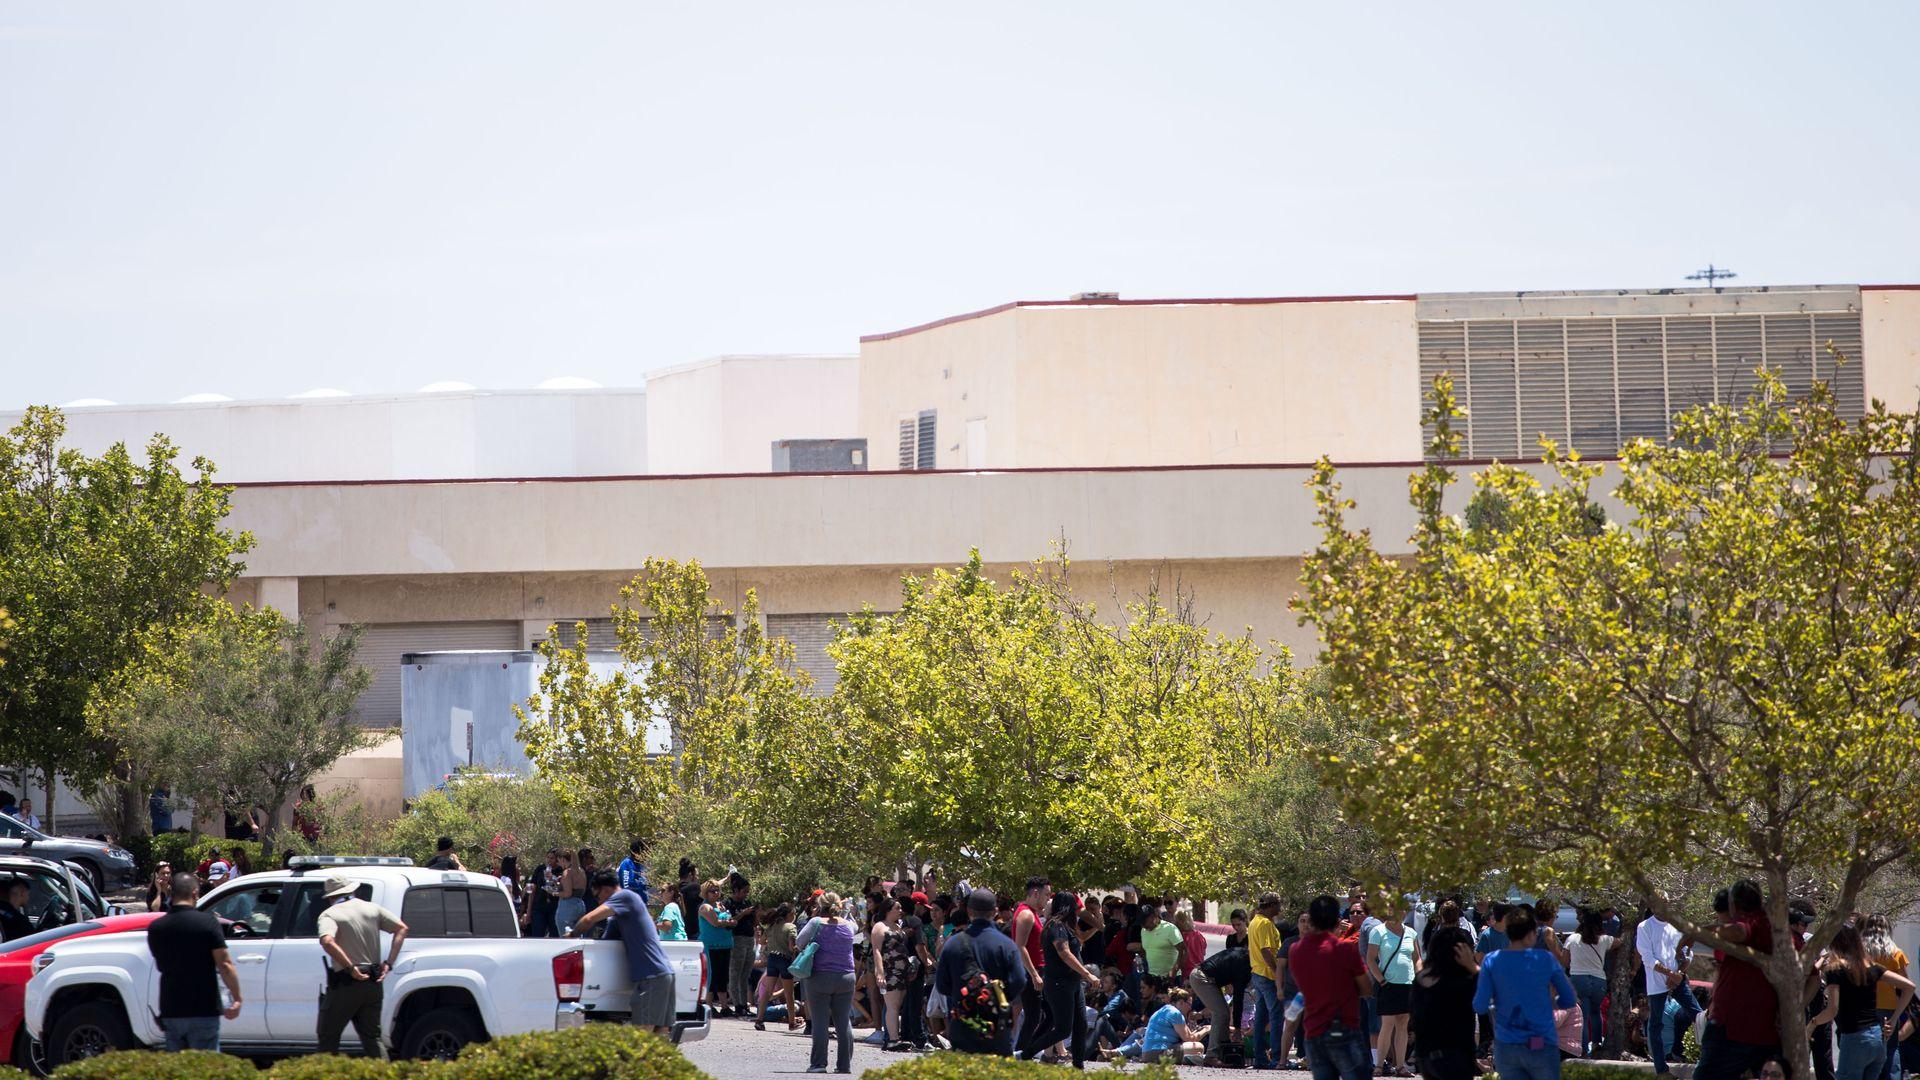 El Paso Walmart shooting impact — in photos - Axios